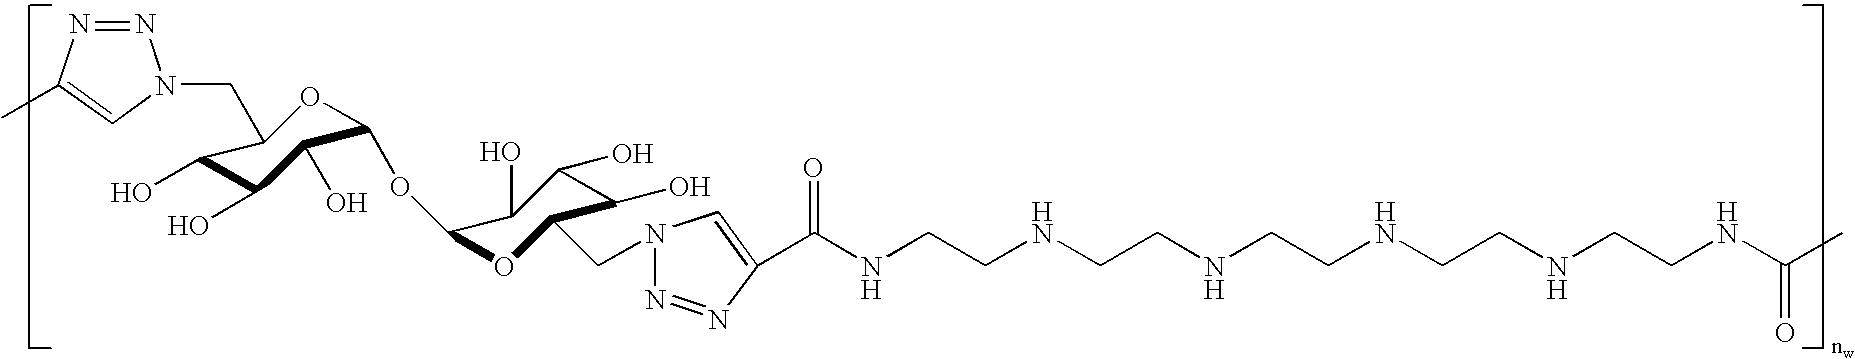 Figure US20090124534A1-20090514-C00015